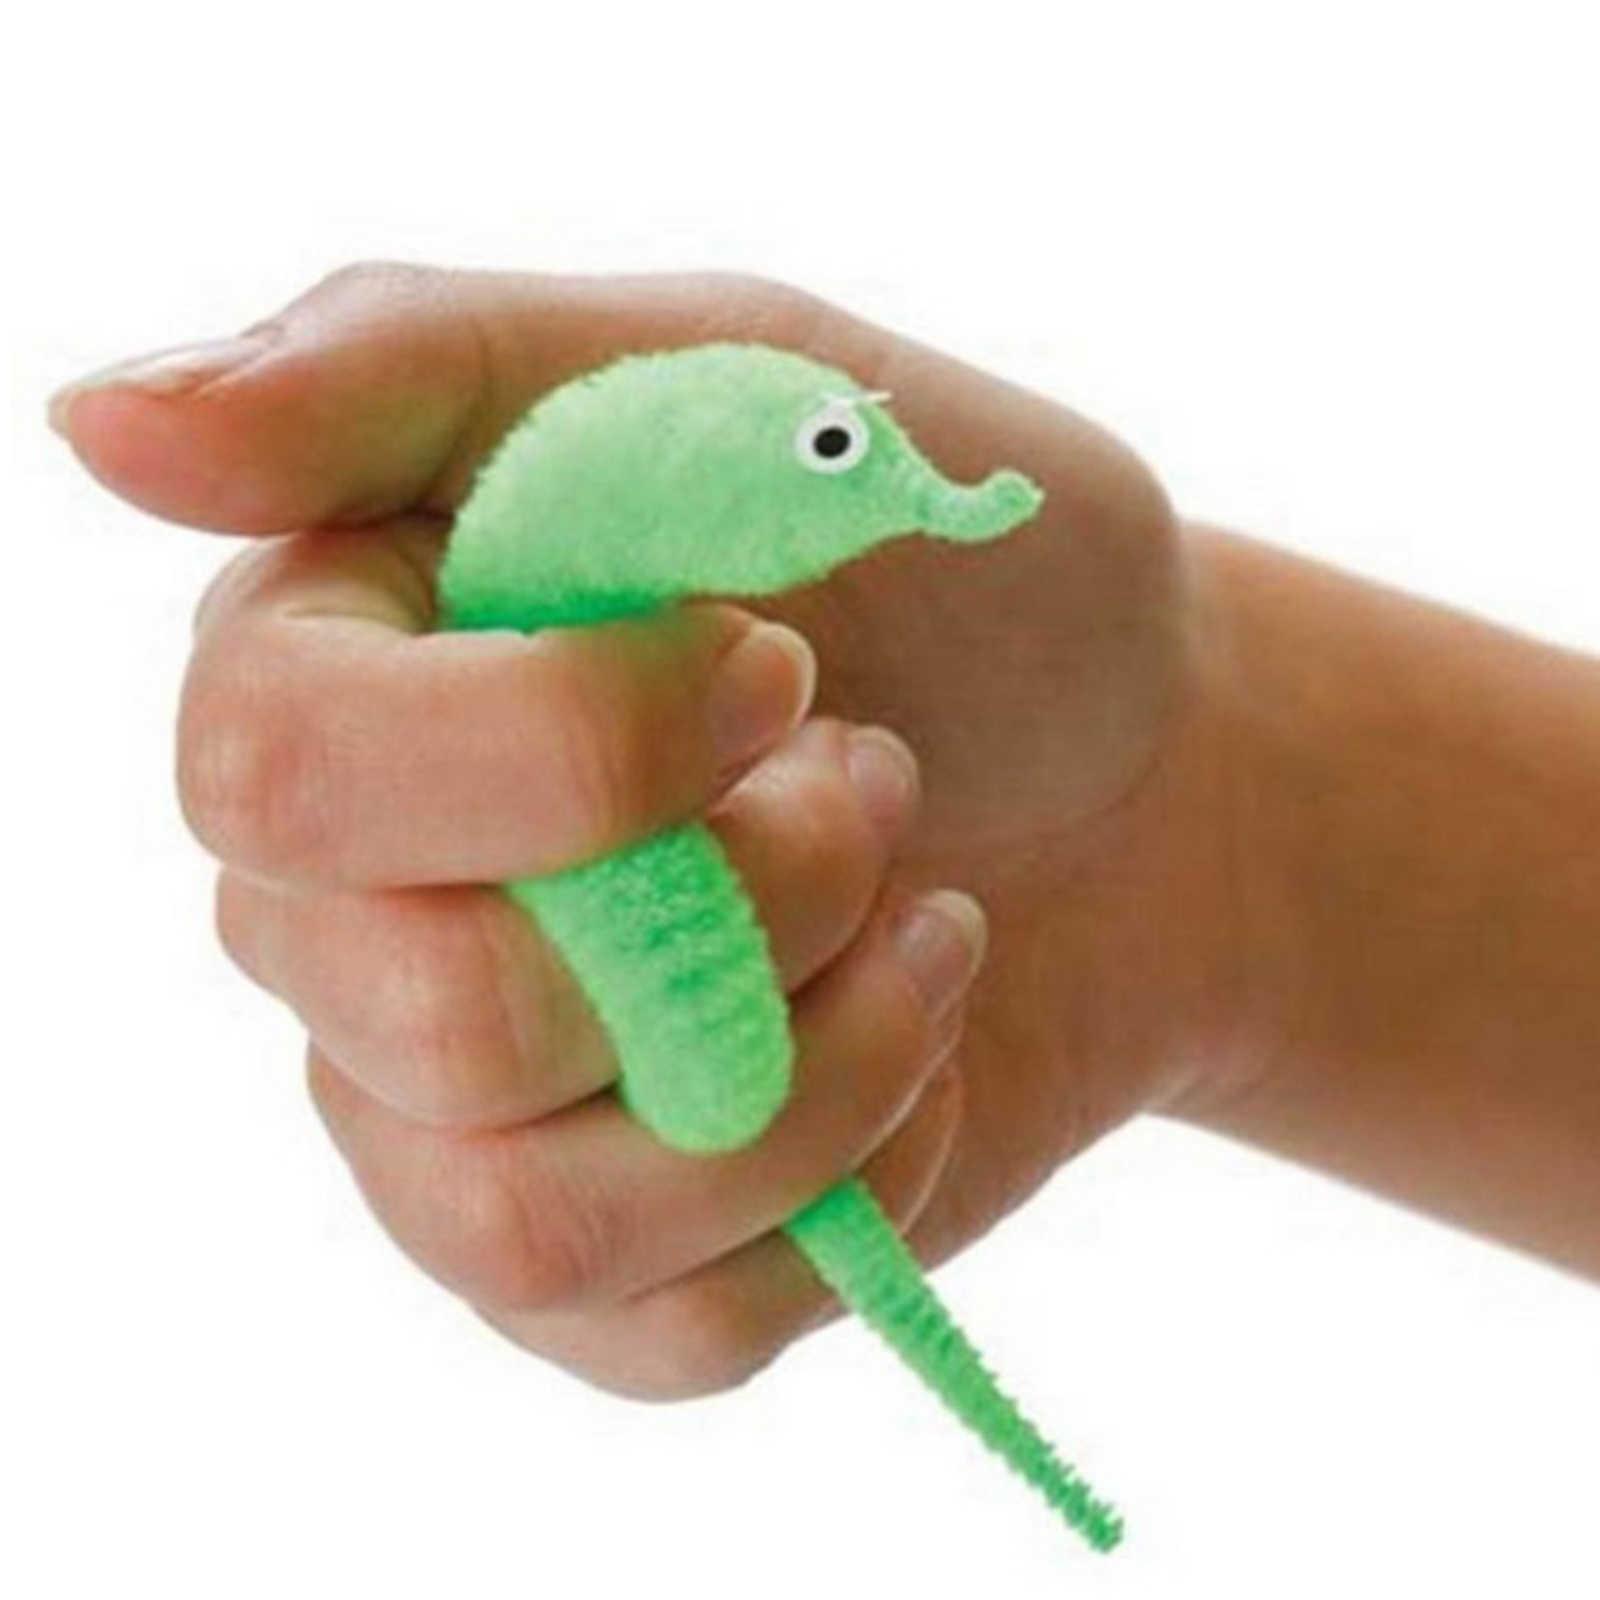 Забавные волшебный червь маг трюк извилистые плюшевый покачивающийся мягкие животные уличная игрушка Открытый Инструменты